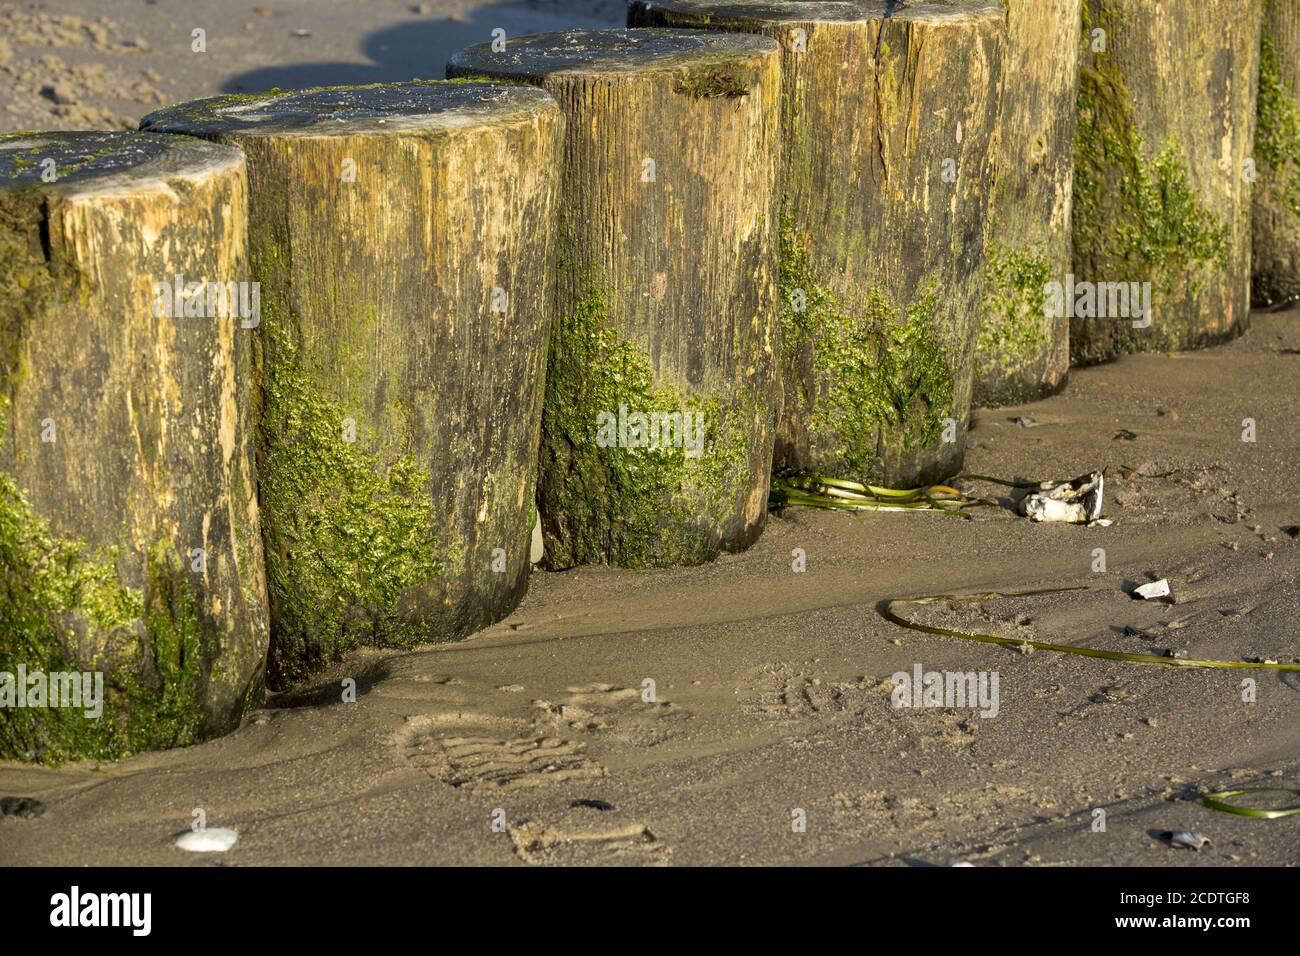 Gros plan des groynes sur la plage de sable avec algues vertes Banque D'Images